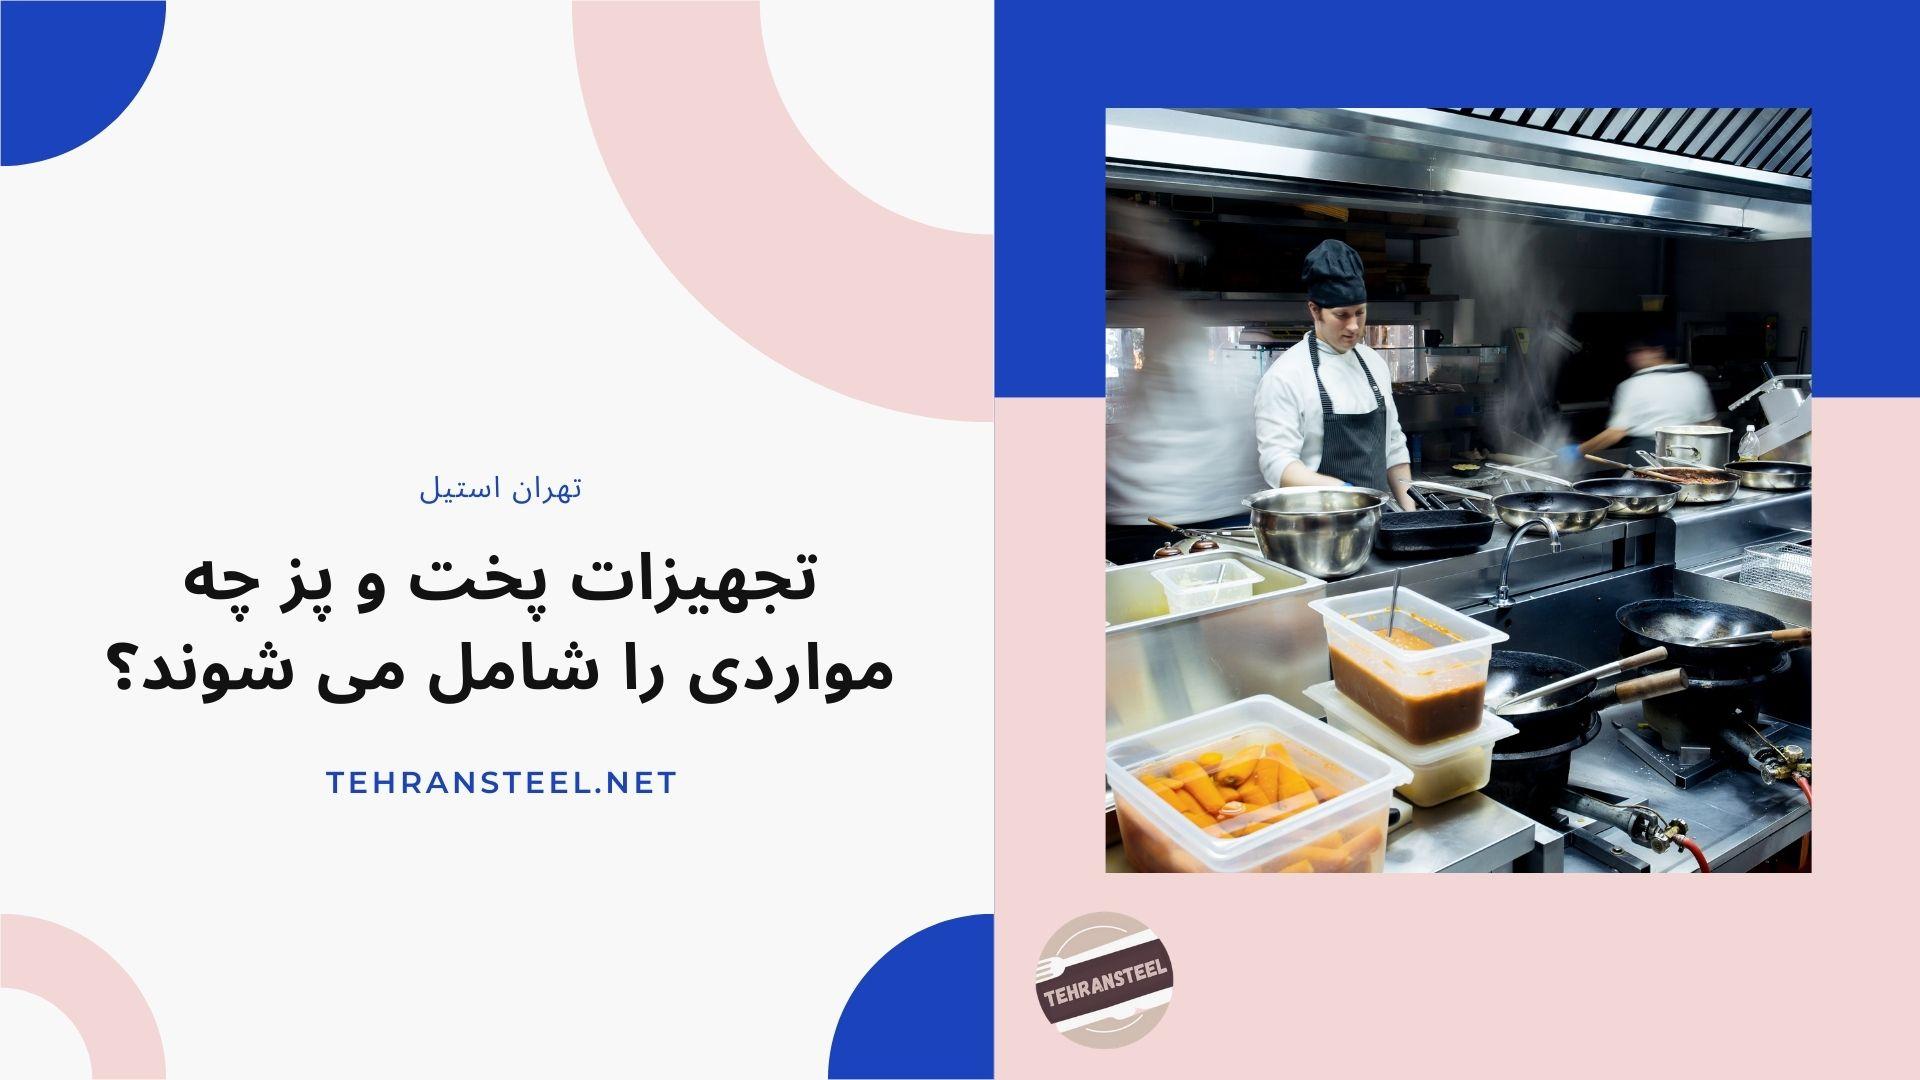 تجهیزات پخت و پز چه مواردی را شامل می شوند؟